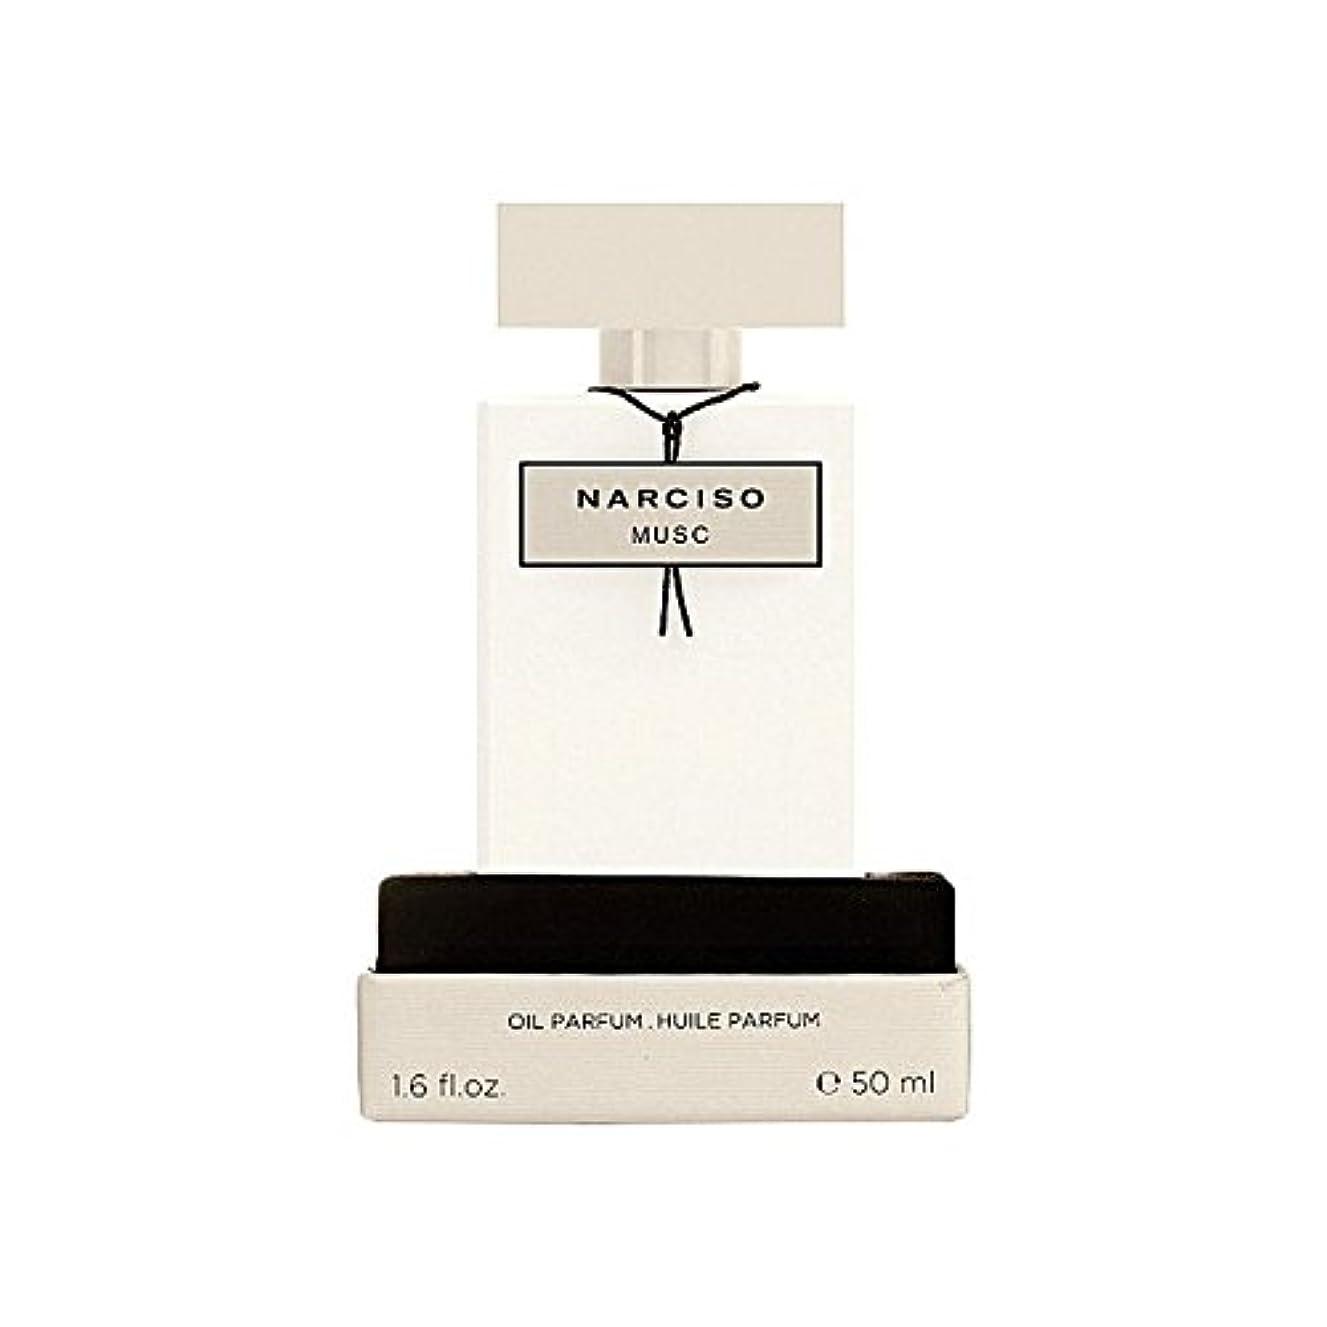 くさび電気したいナルシソ?ロドリゲスナルシソオイル50ミリリットル x4 - Narciso Rodriguez Narciso Musc Oil 50ml (Pack of 4) [並行輸入品]